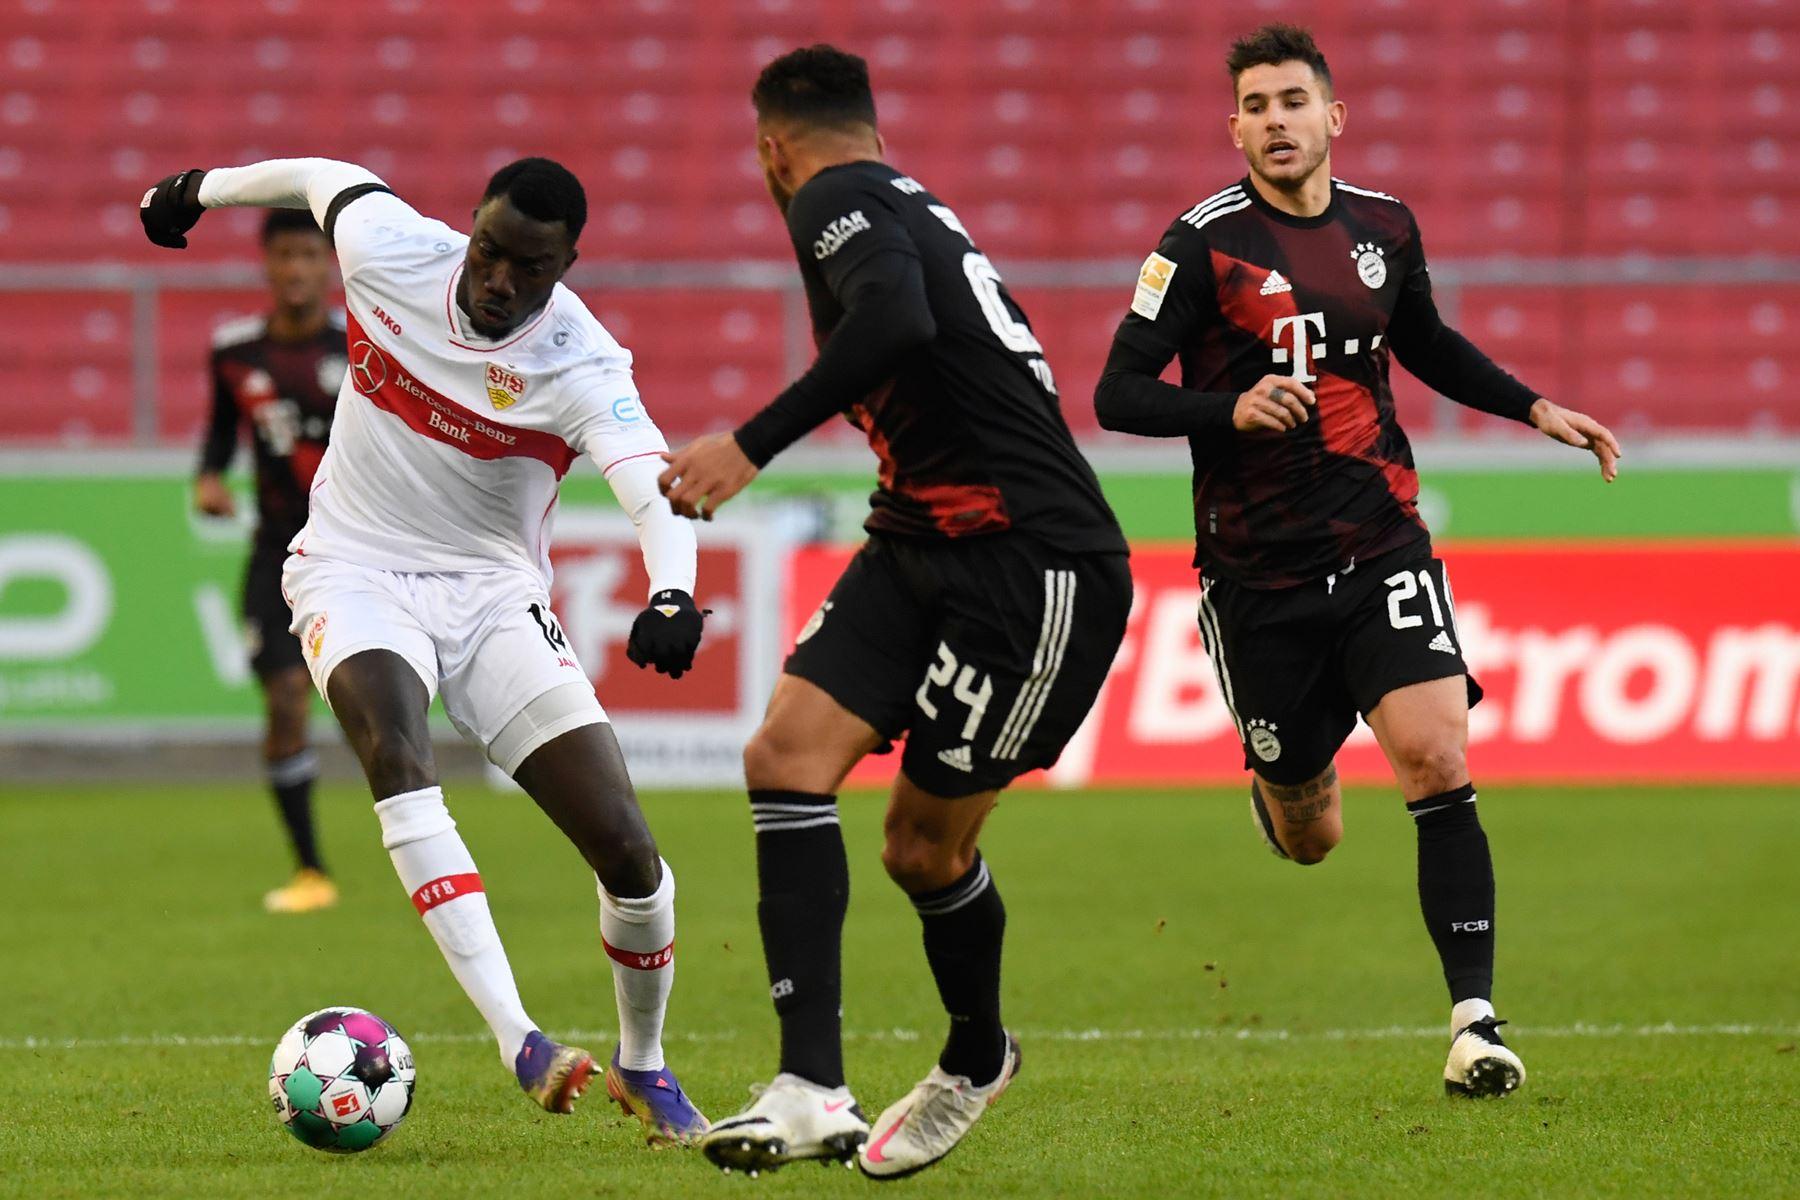 El delantero congoleño de Stuttgart Silla Wamangituka y el mediocampista francés del Bayern Munich Corentin Tolisso compiten por el balón durante el partido de fútbol de la Bundesliga. Foto: AFP